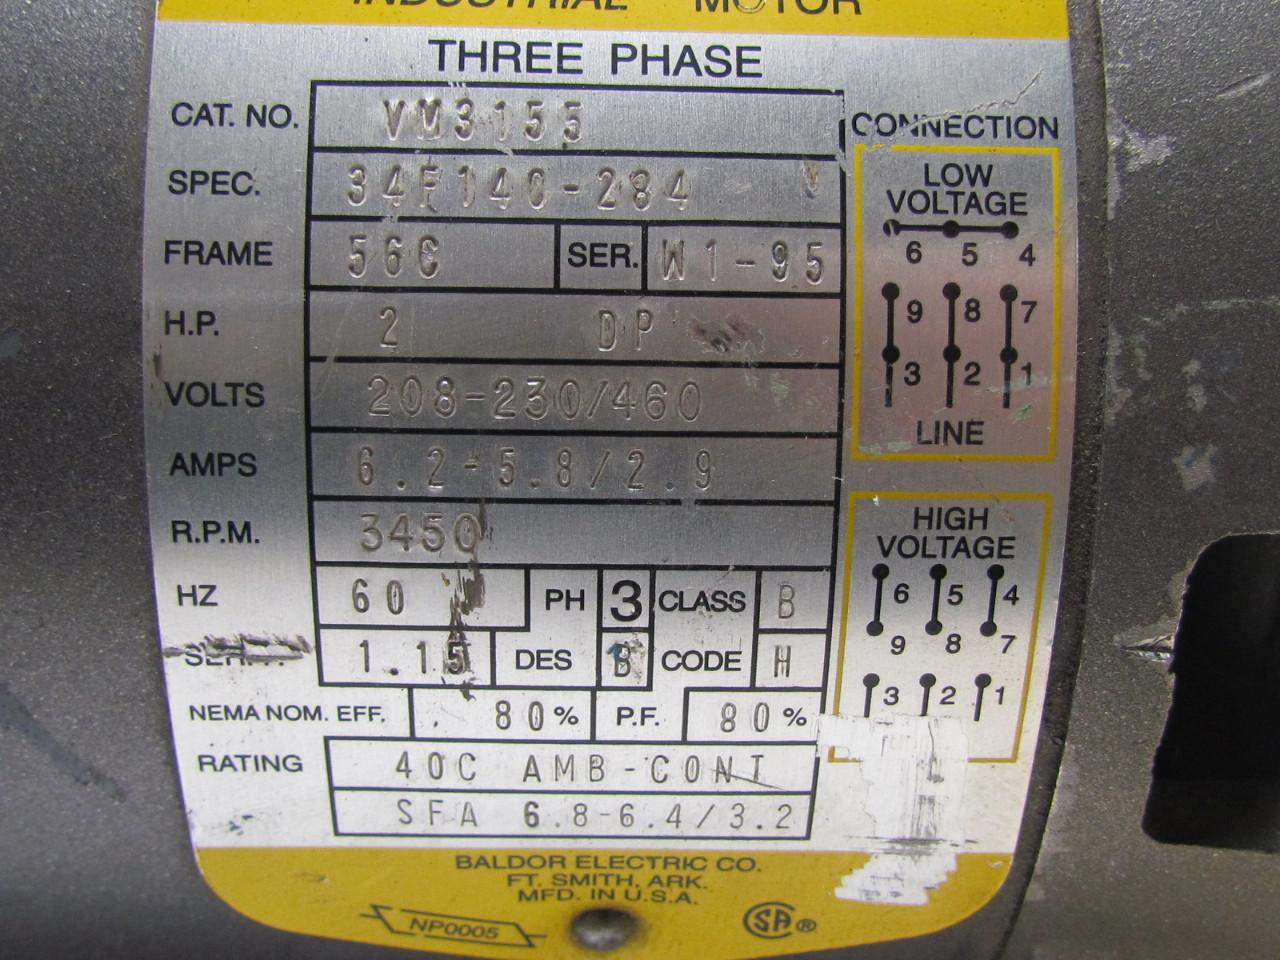 230 460v Motor Wiring Diagram - Free Car Wiring Diagrams •